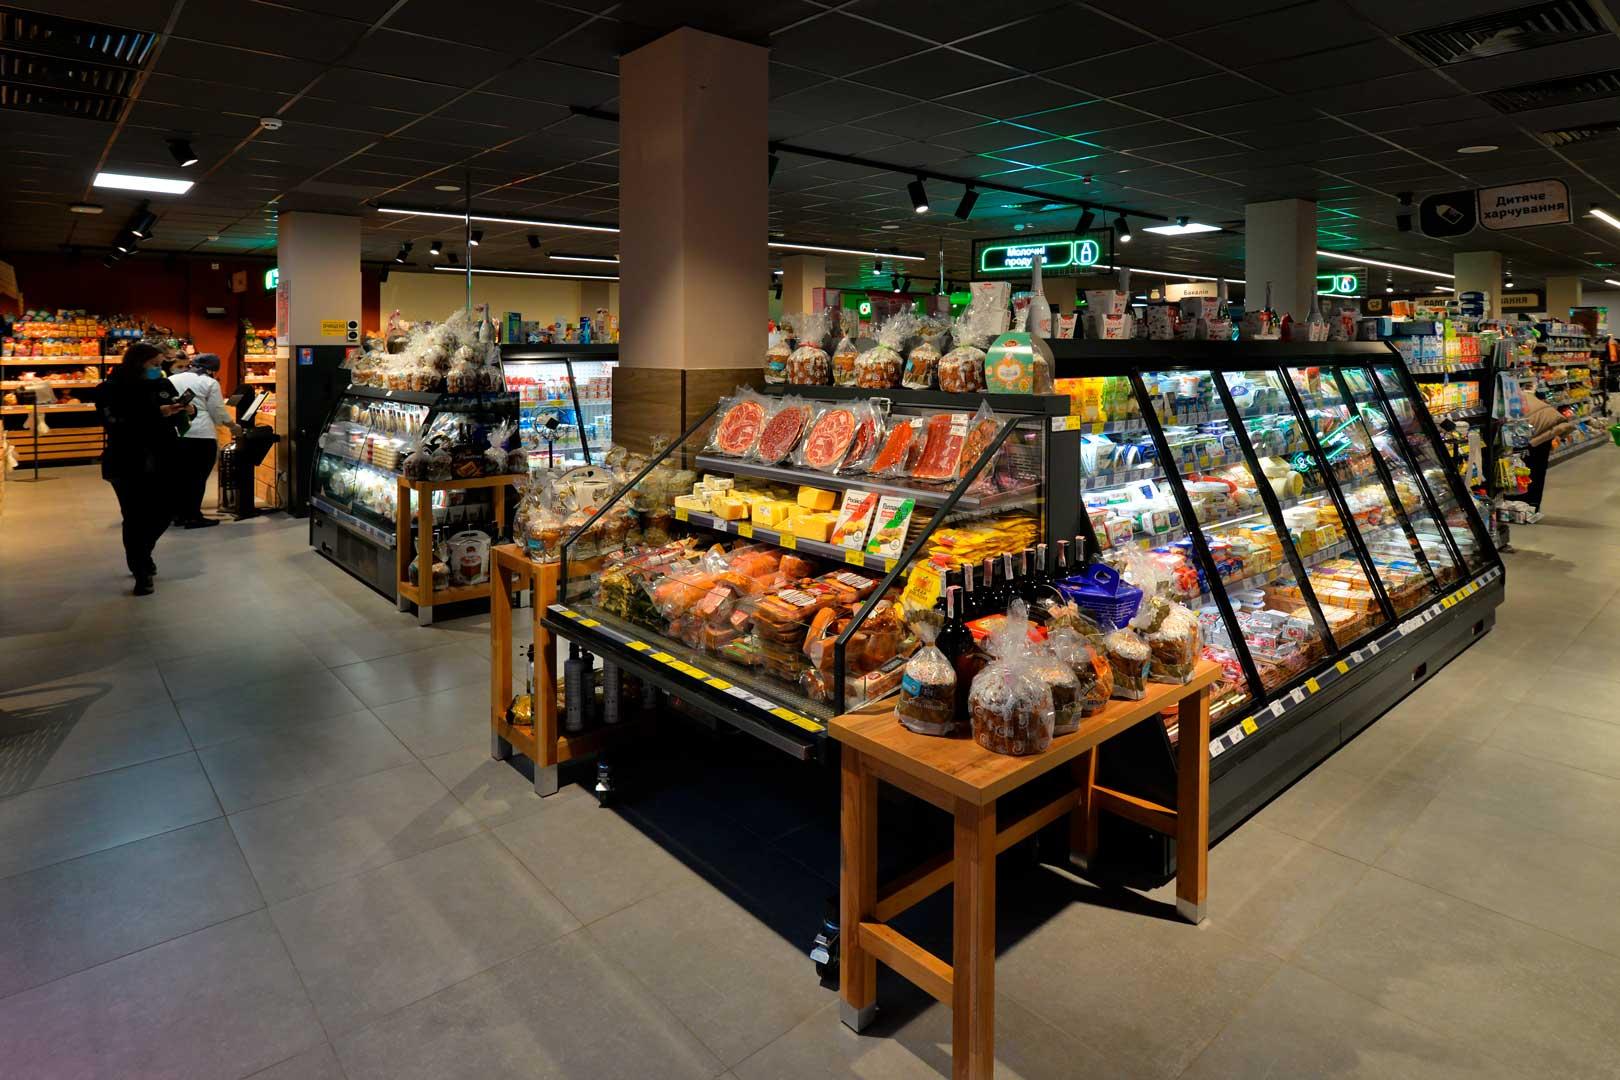 Refrigerated counters Missouri promo MC 100 deli self 140-DLA, Louisiana eco MSV 105 MT D 160-DLM